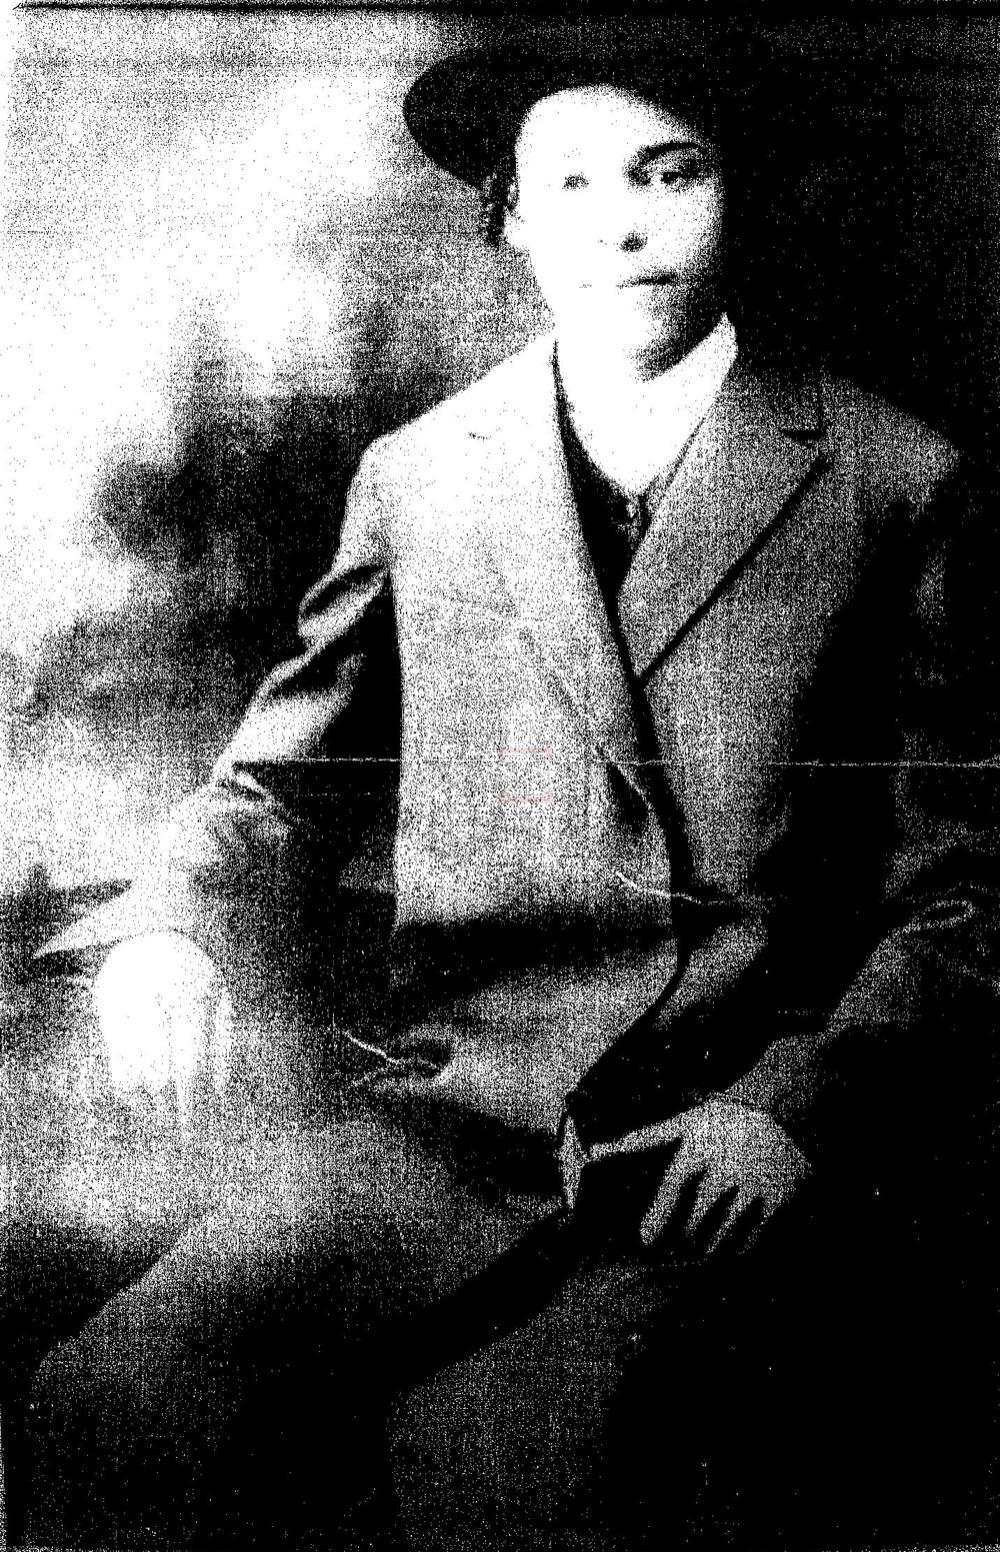 הגרי''ש אלישיב בצעירותו (ארכיון הרב ישראל גליס)